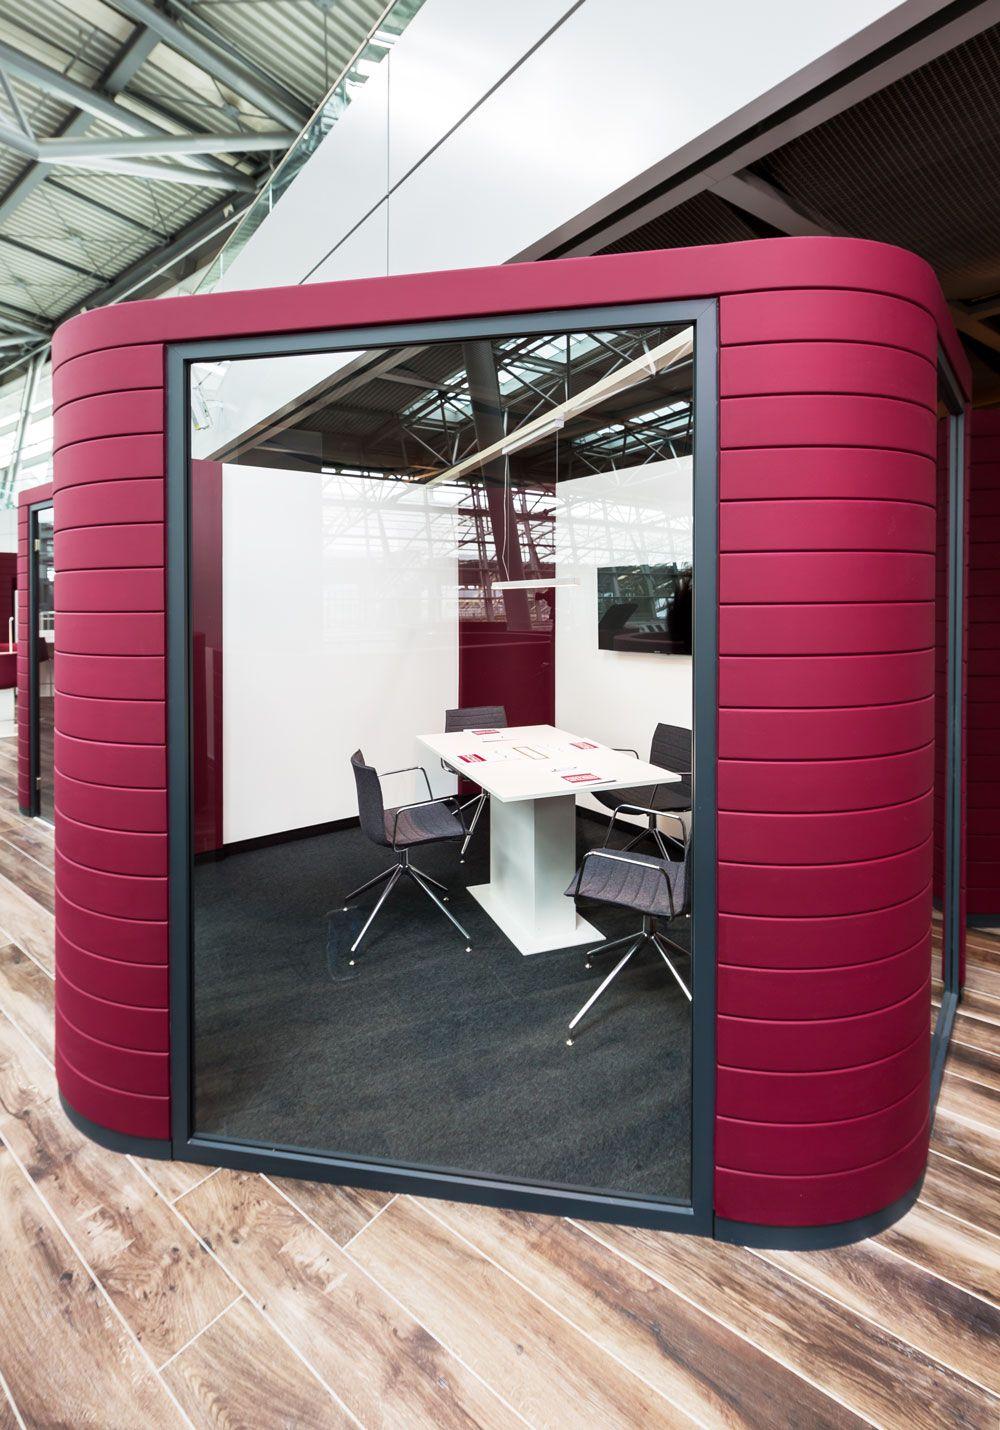 Box_Konferenzcenter Flughafen Düsseldorf, Design by Kitzig